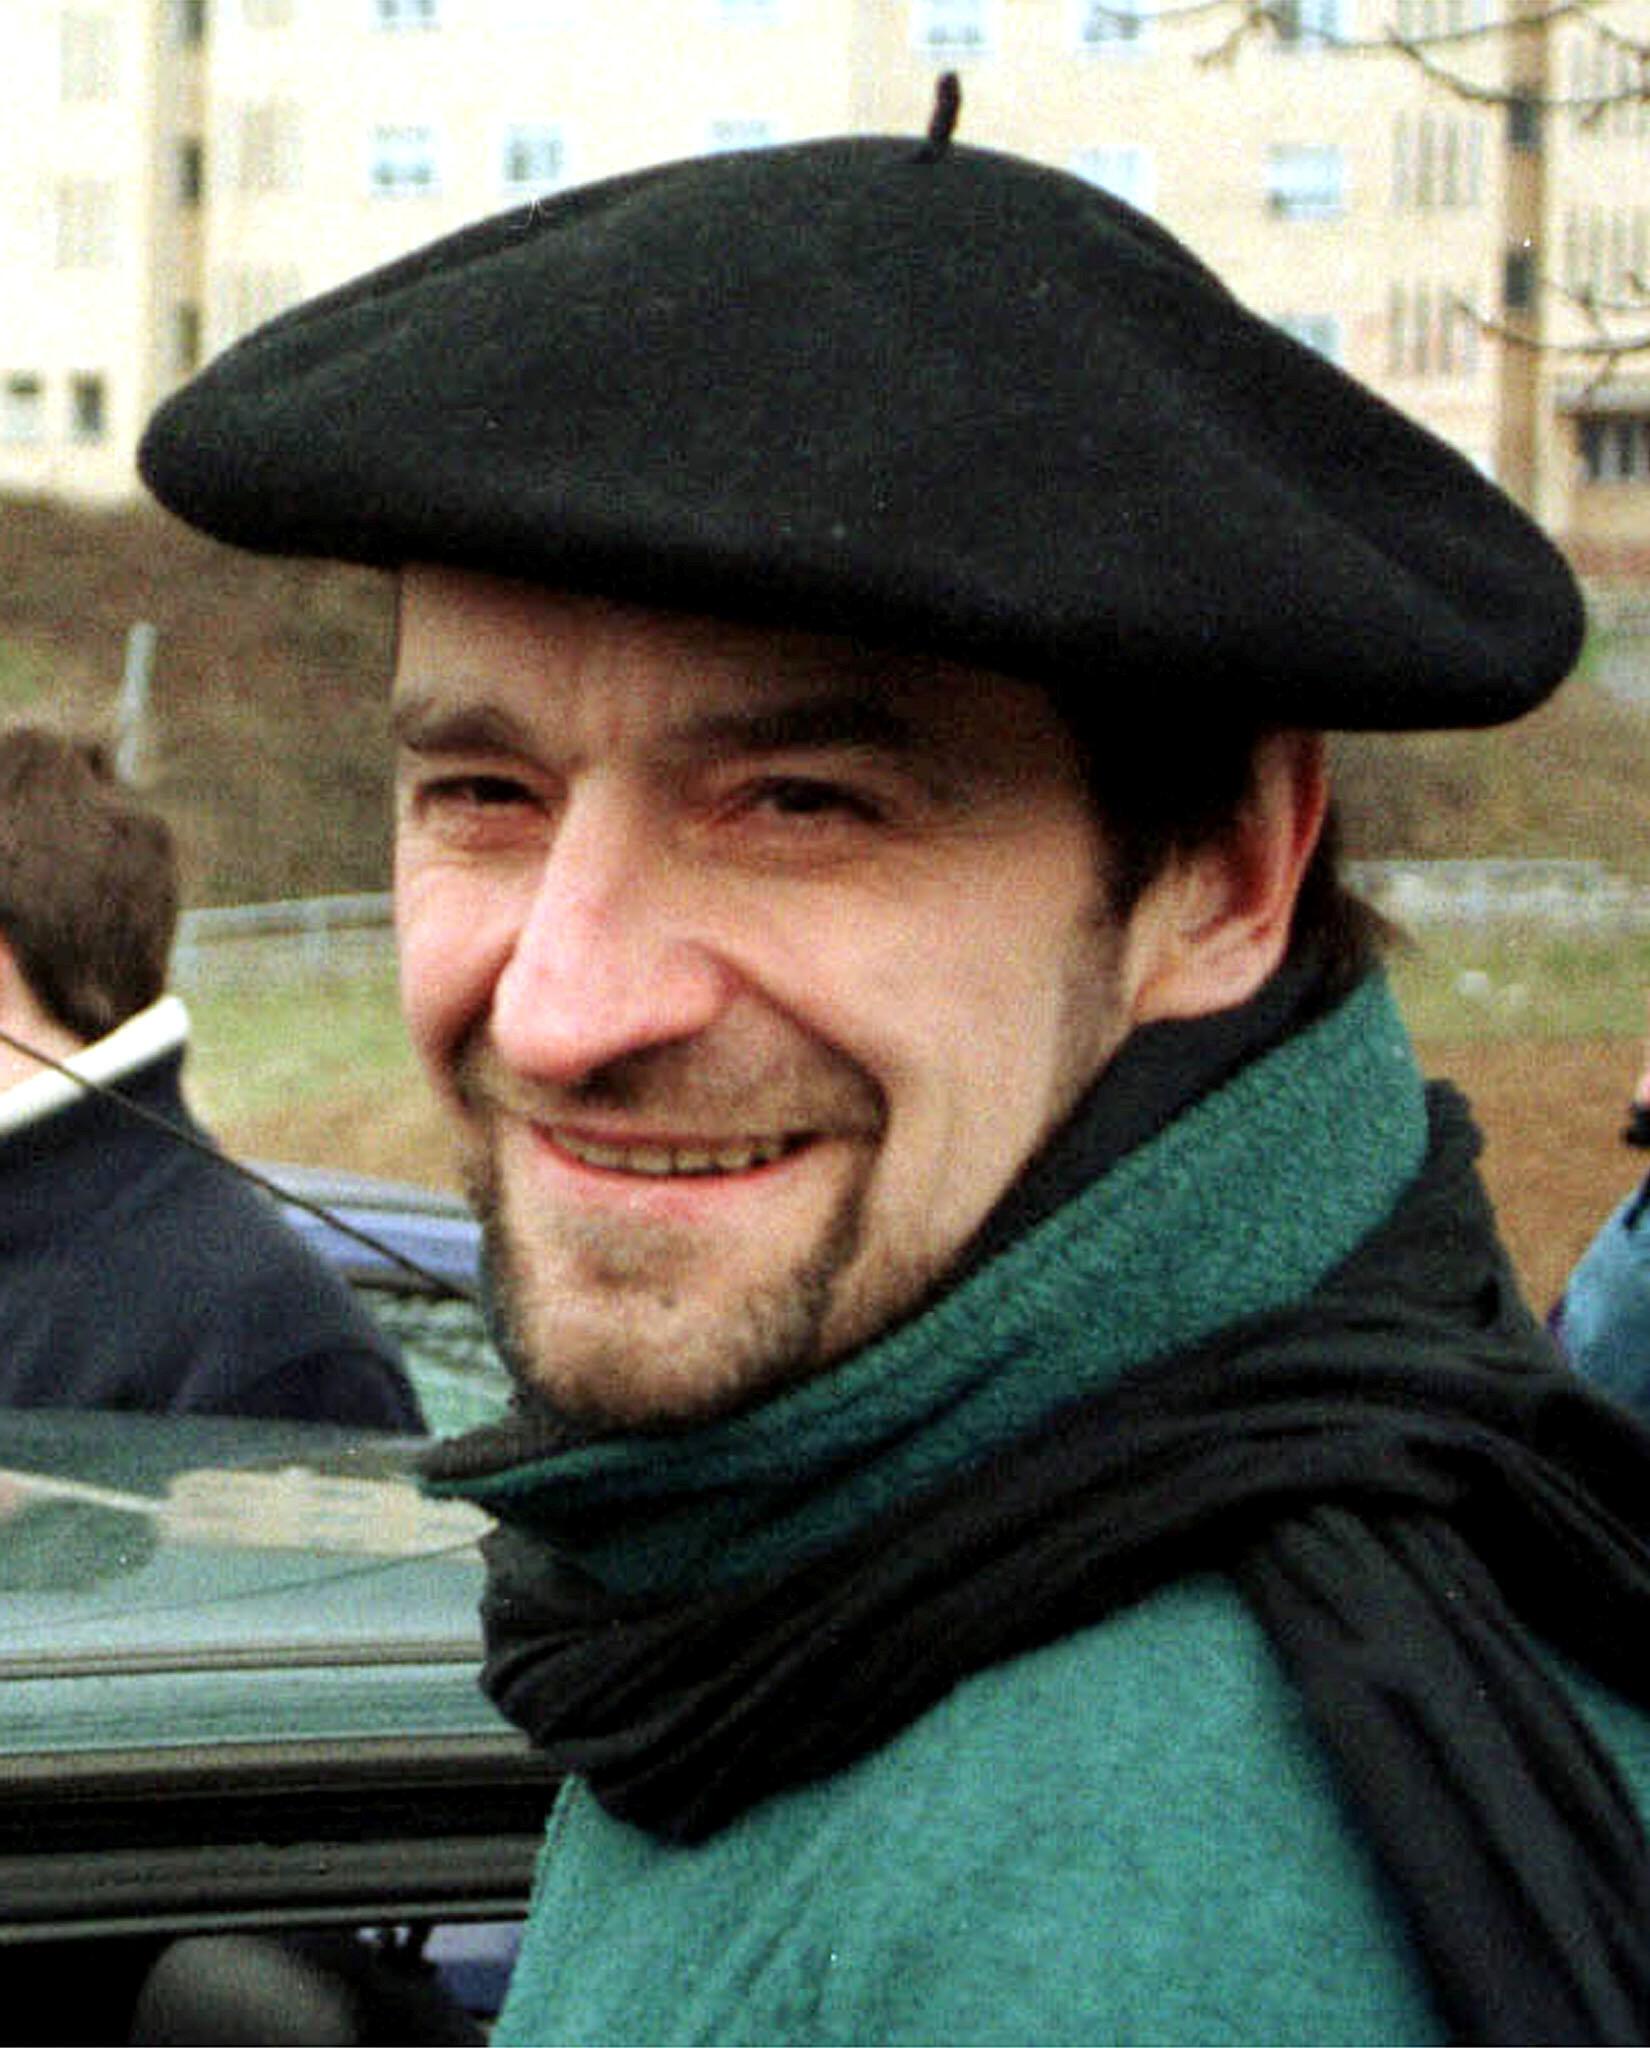 Жозу Тернера с2002 года был одним изсамых разыскиваемых преступников всписке Интерпола